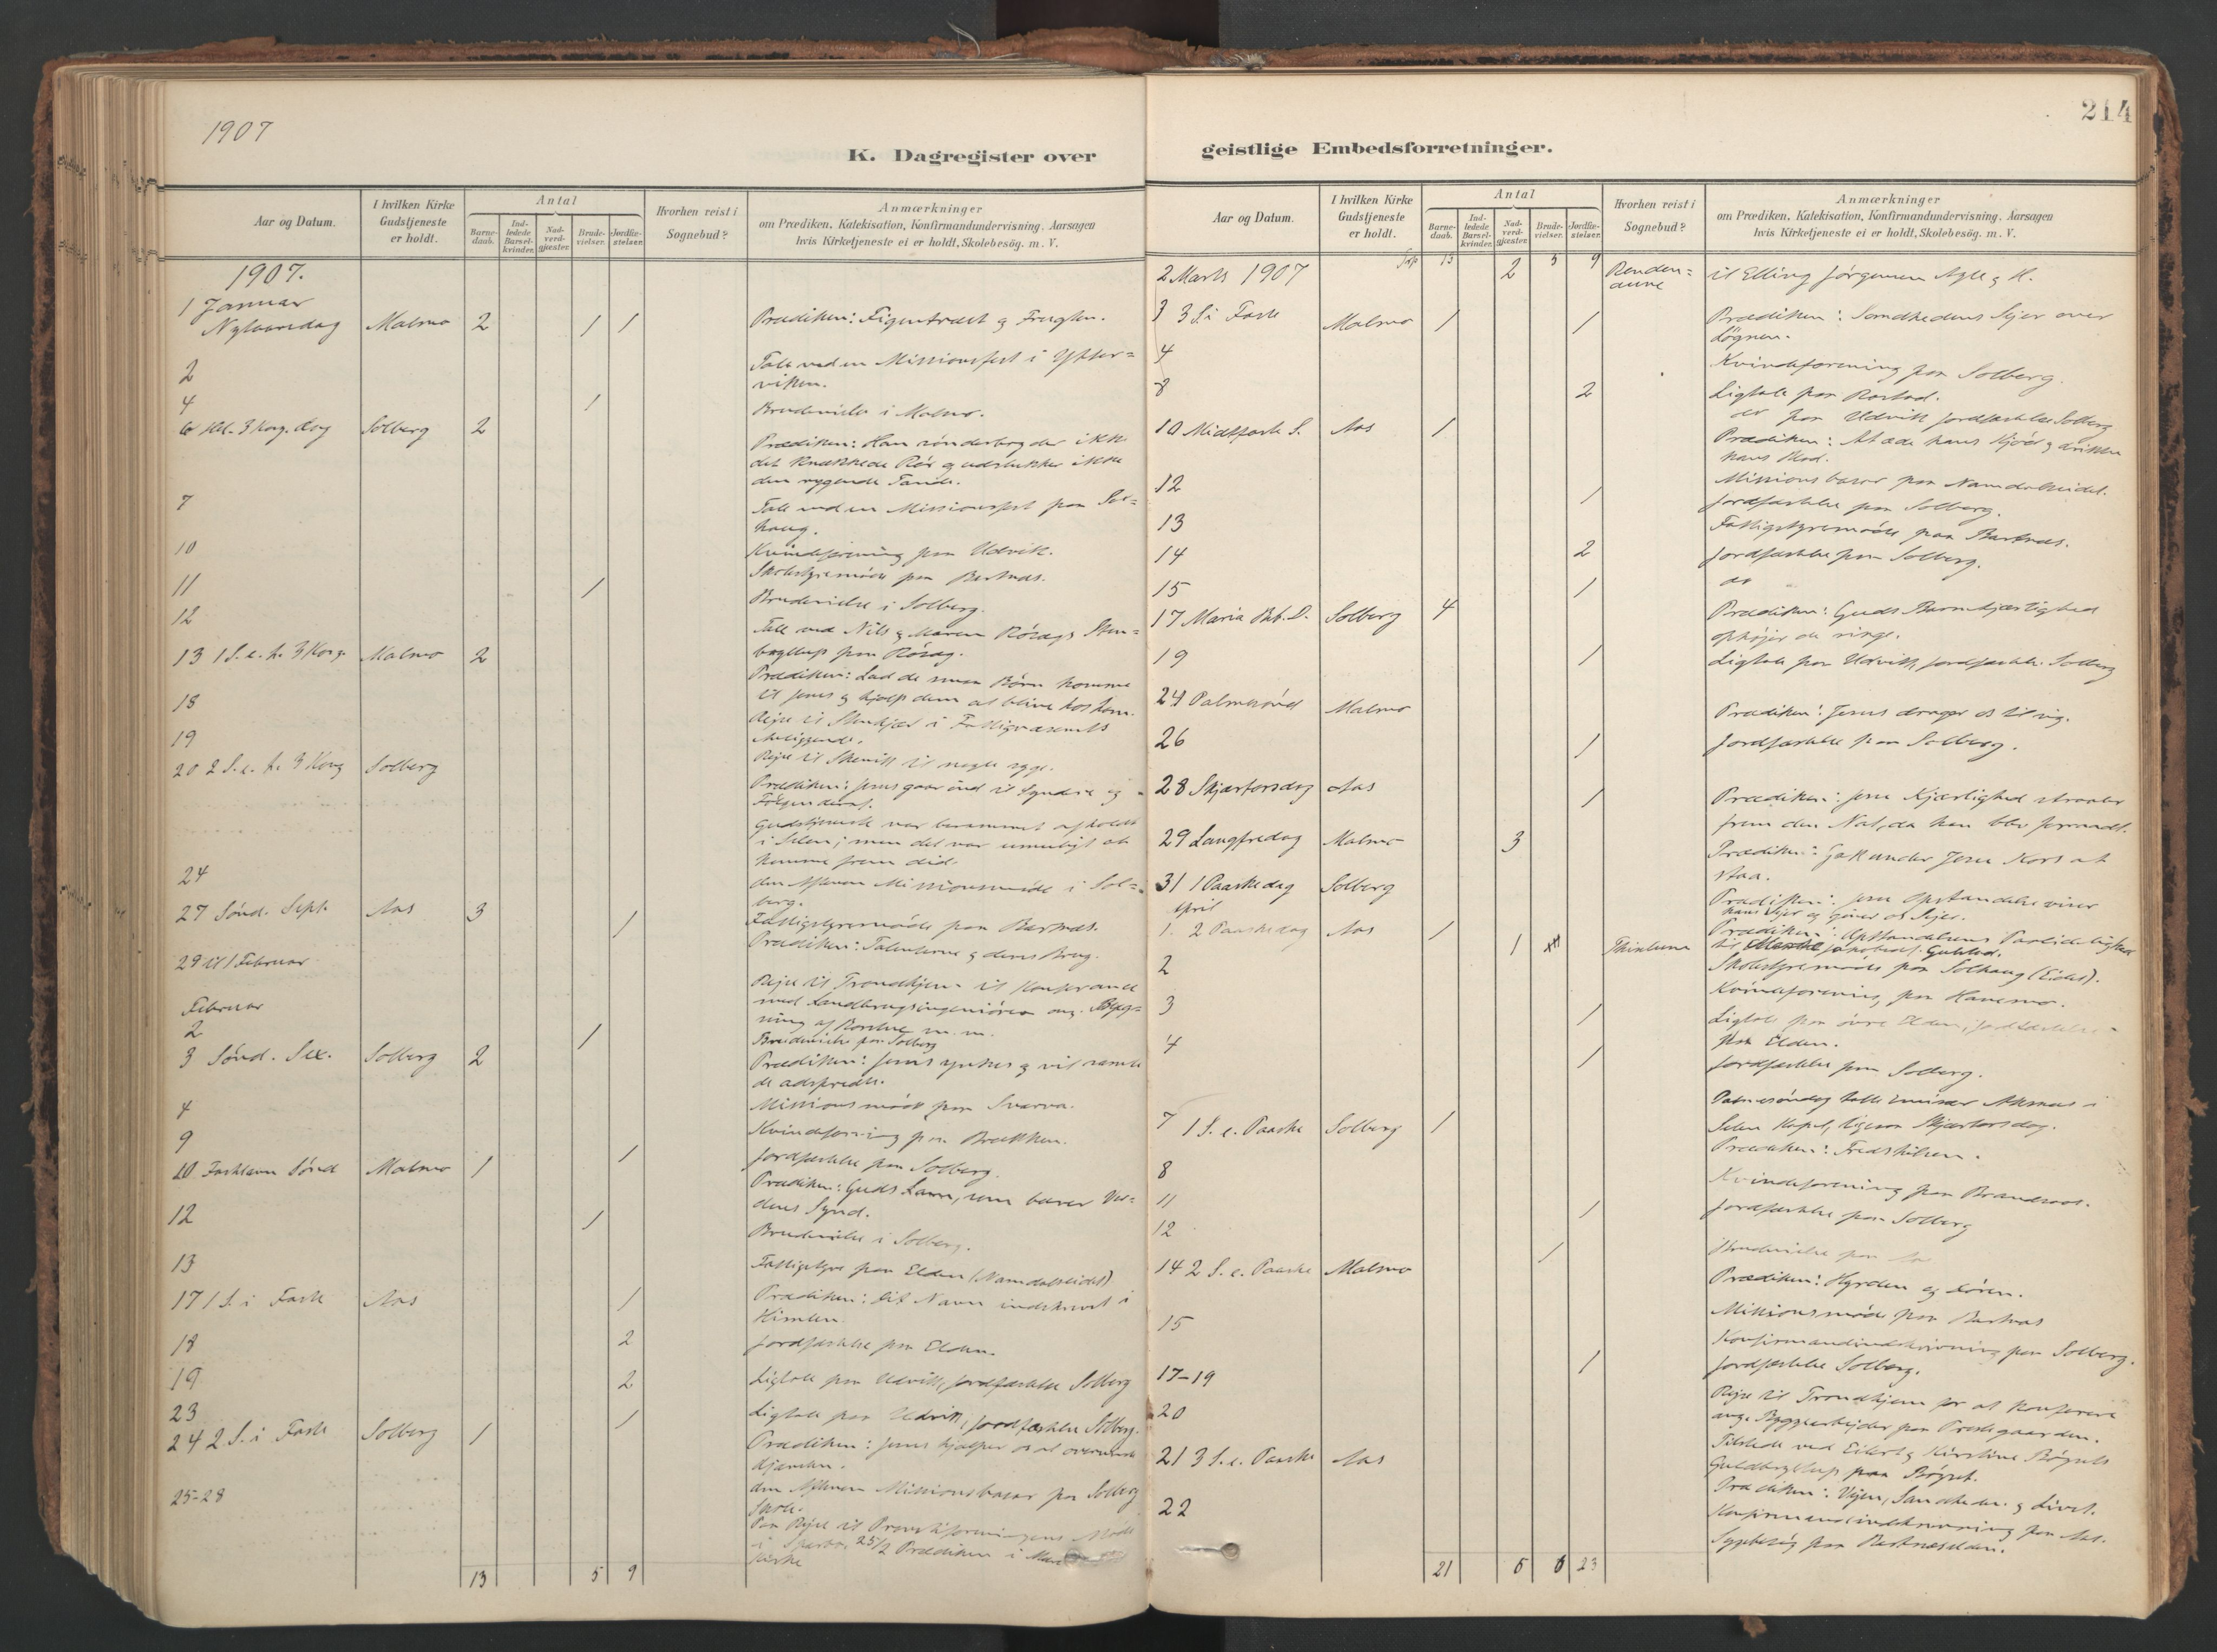 SAT, Ministerialprotokoller, klokkerbøker og fødselsregistre - Nord-Trøndelag, 741/L0397: Ministerialbok nr. 741A11, 1901-1911, s. 214